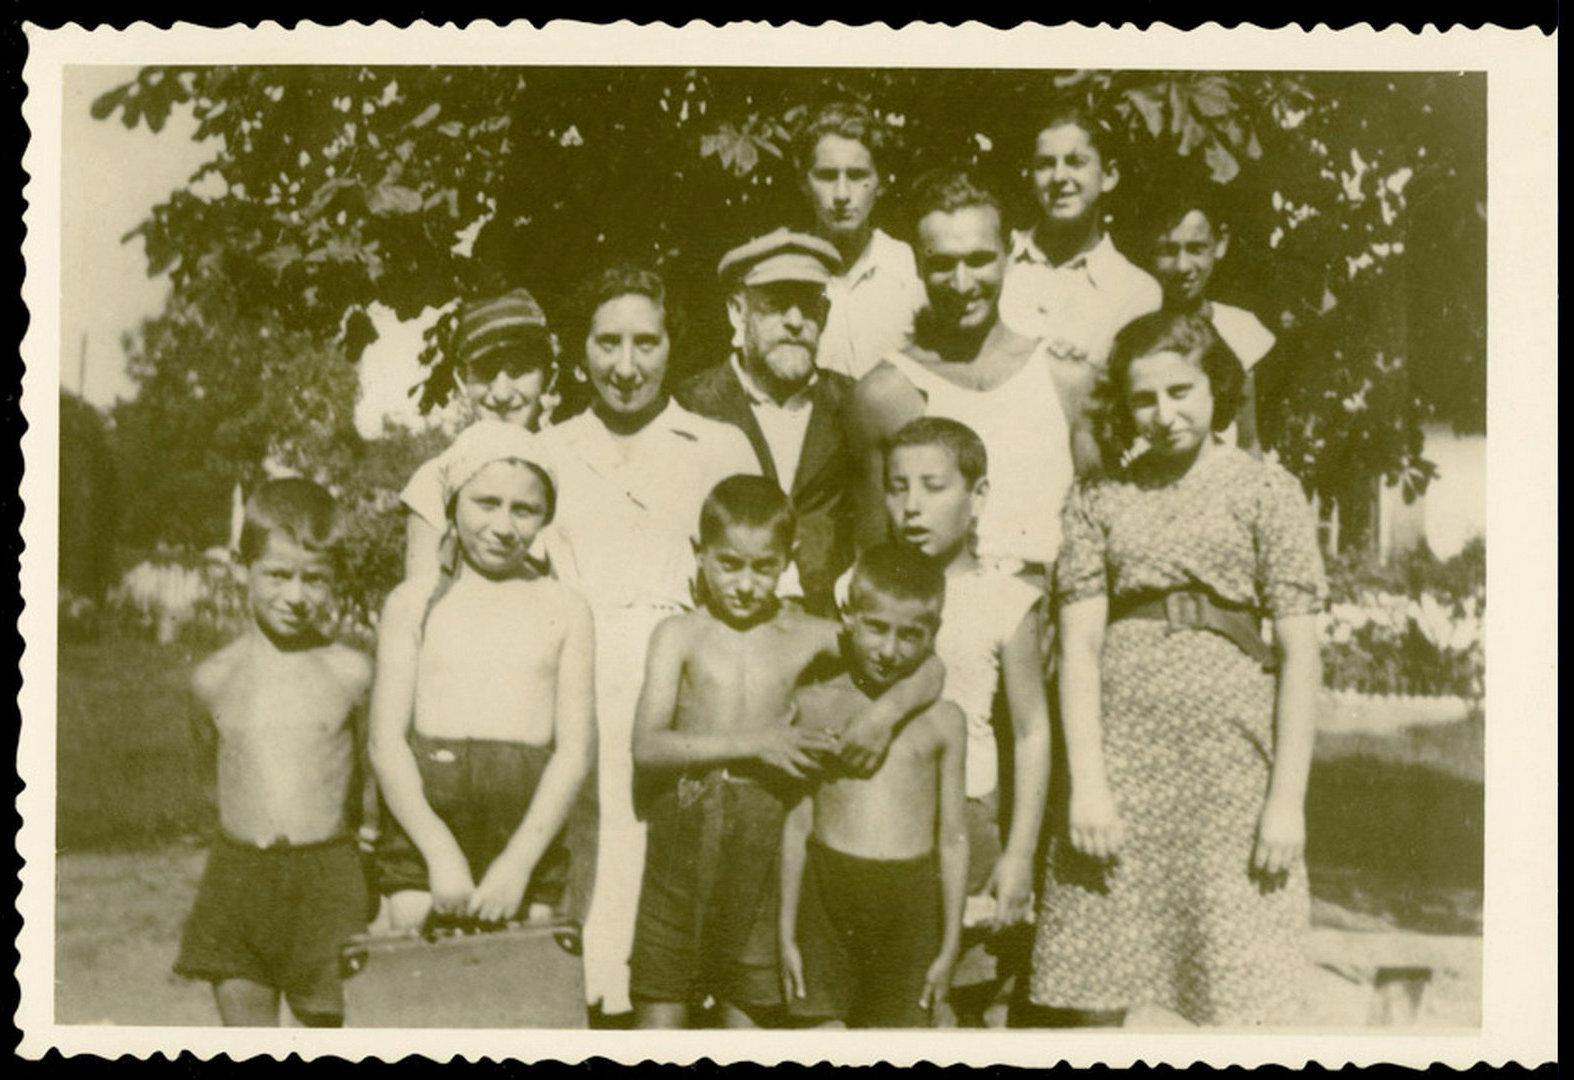 Еврейские дети в газовых камерах фото